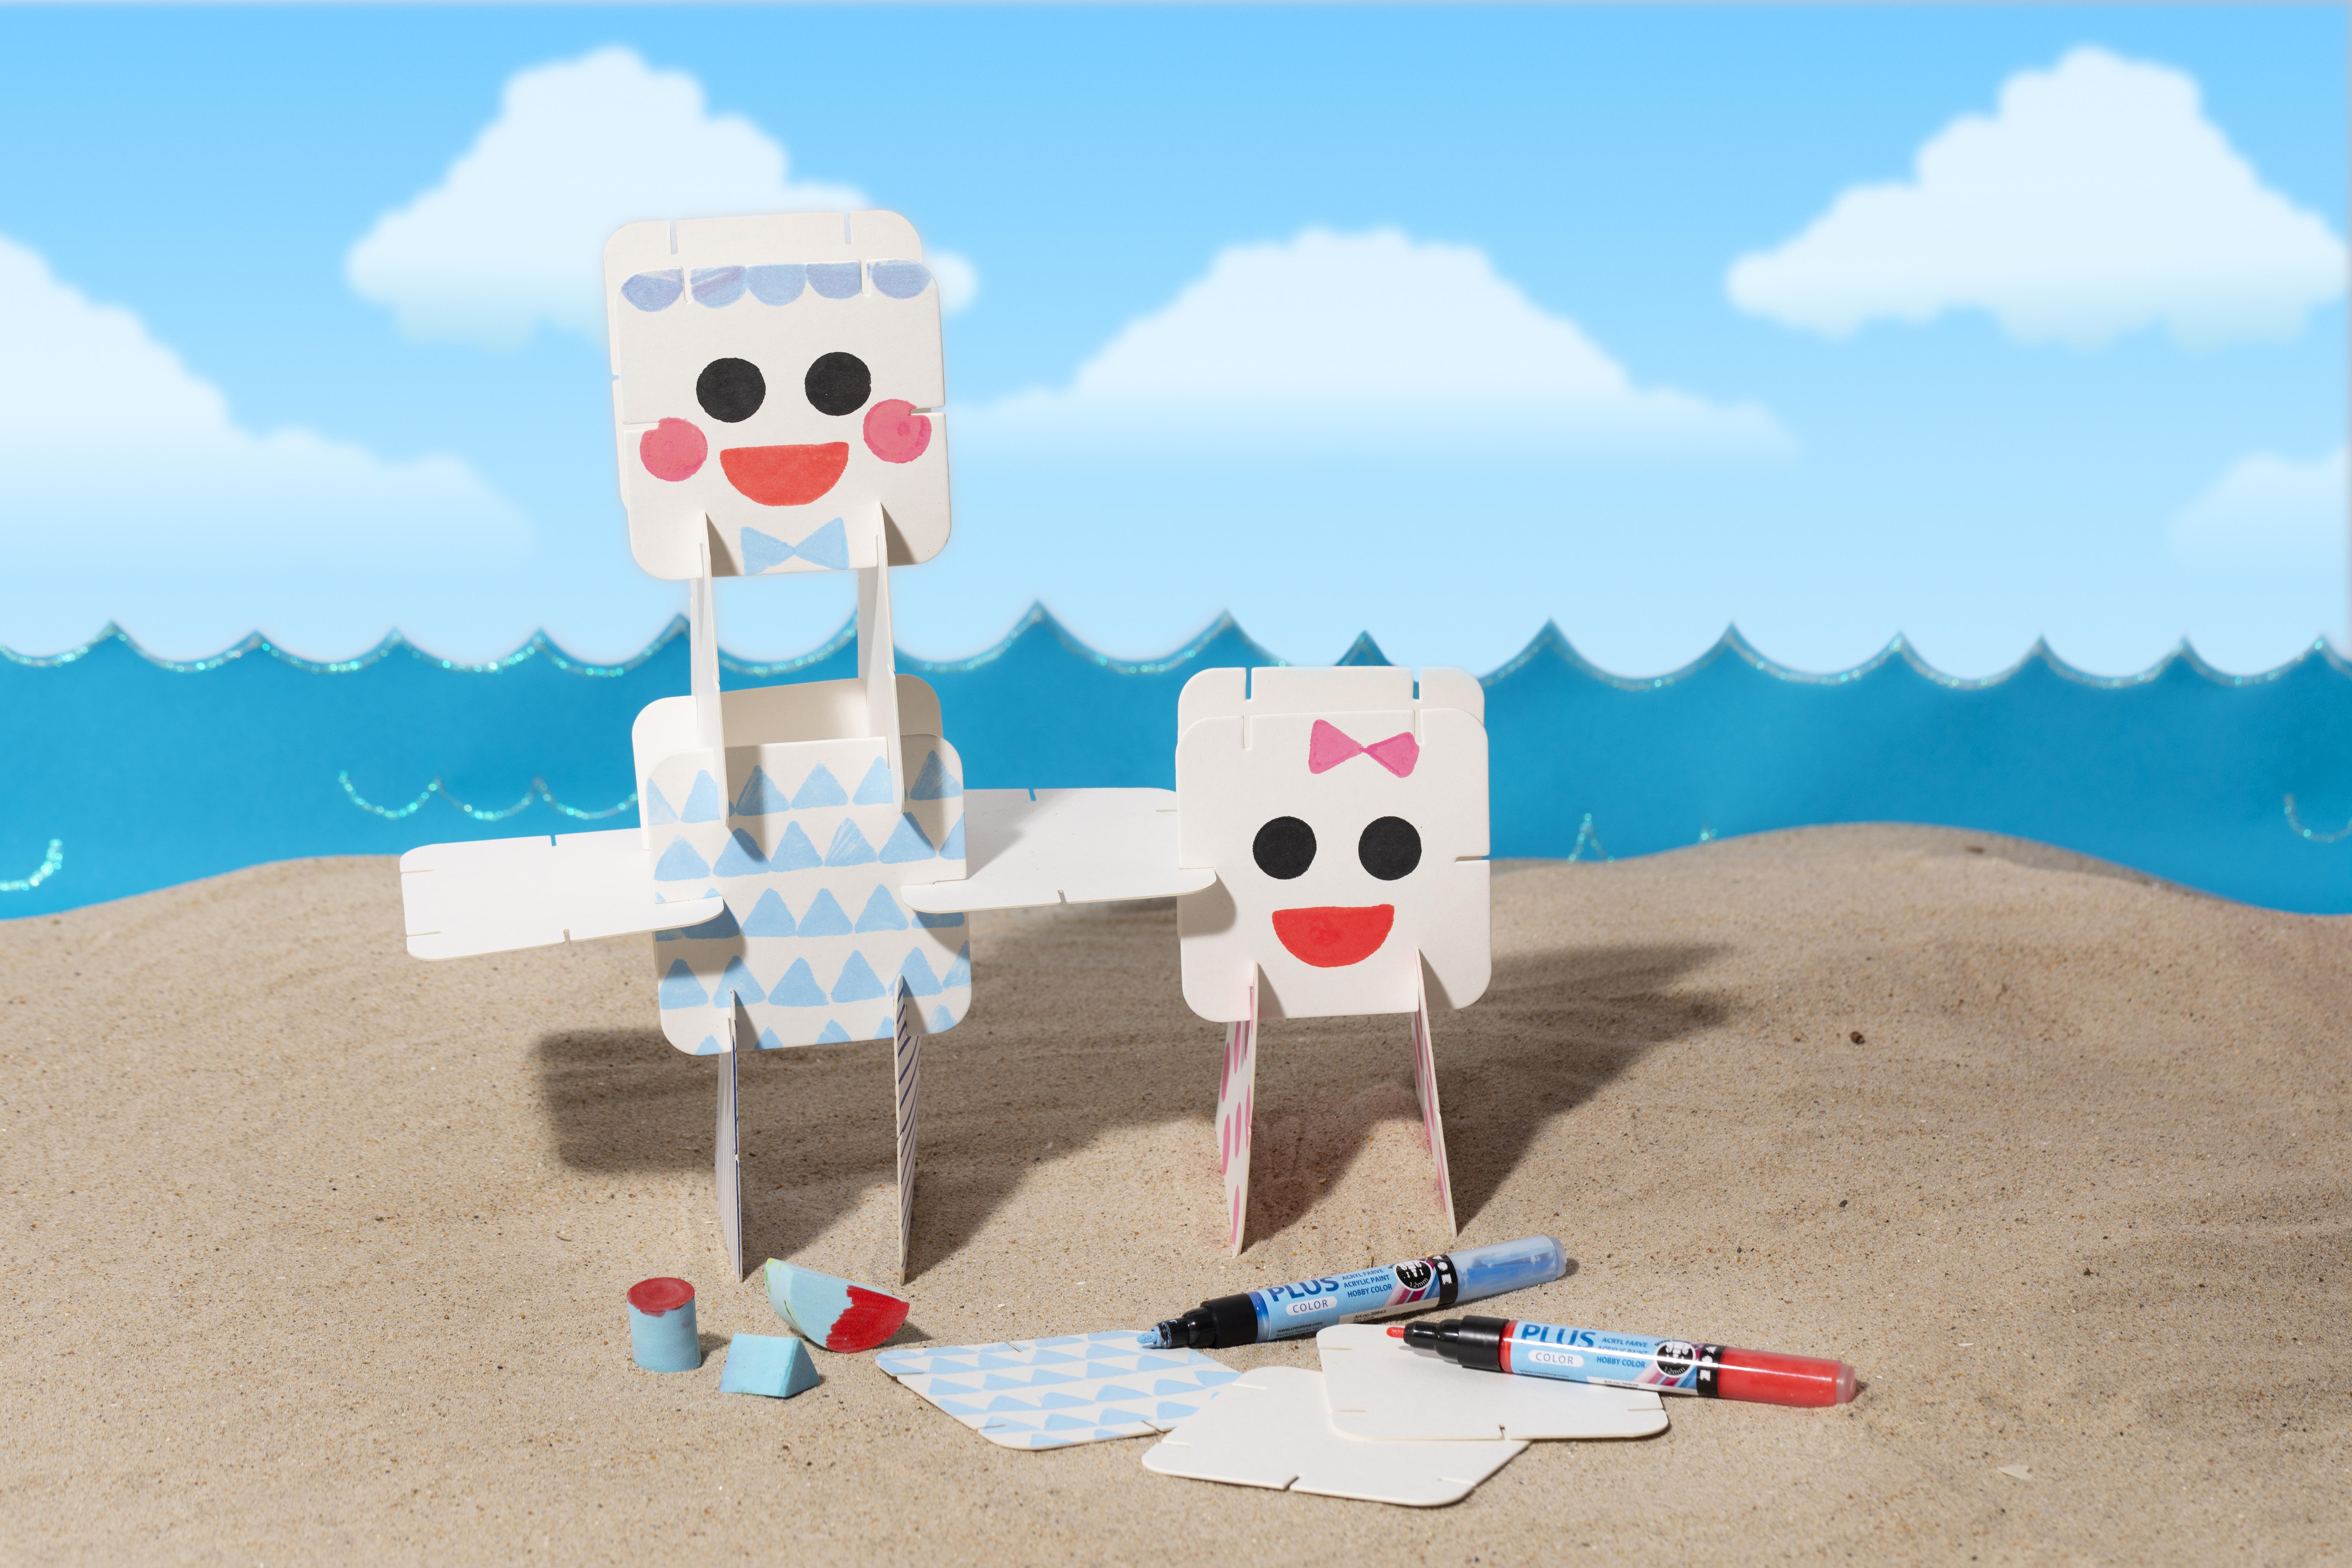 Sjov og kreativ ferie med børn - lav selv figurer med dekoration af konstruktionsbrikker